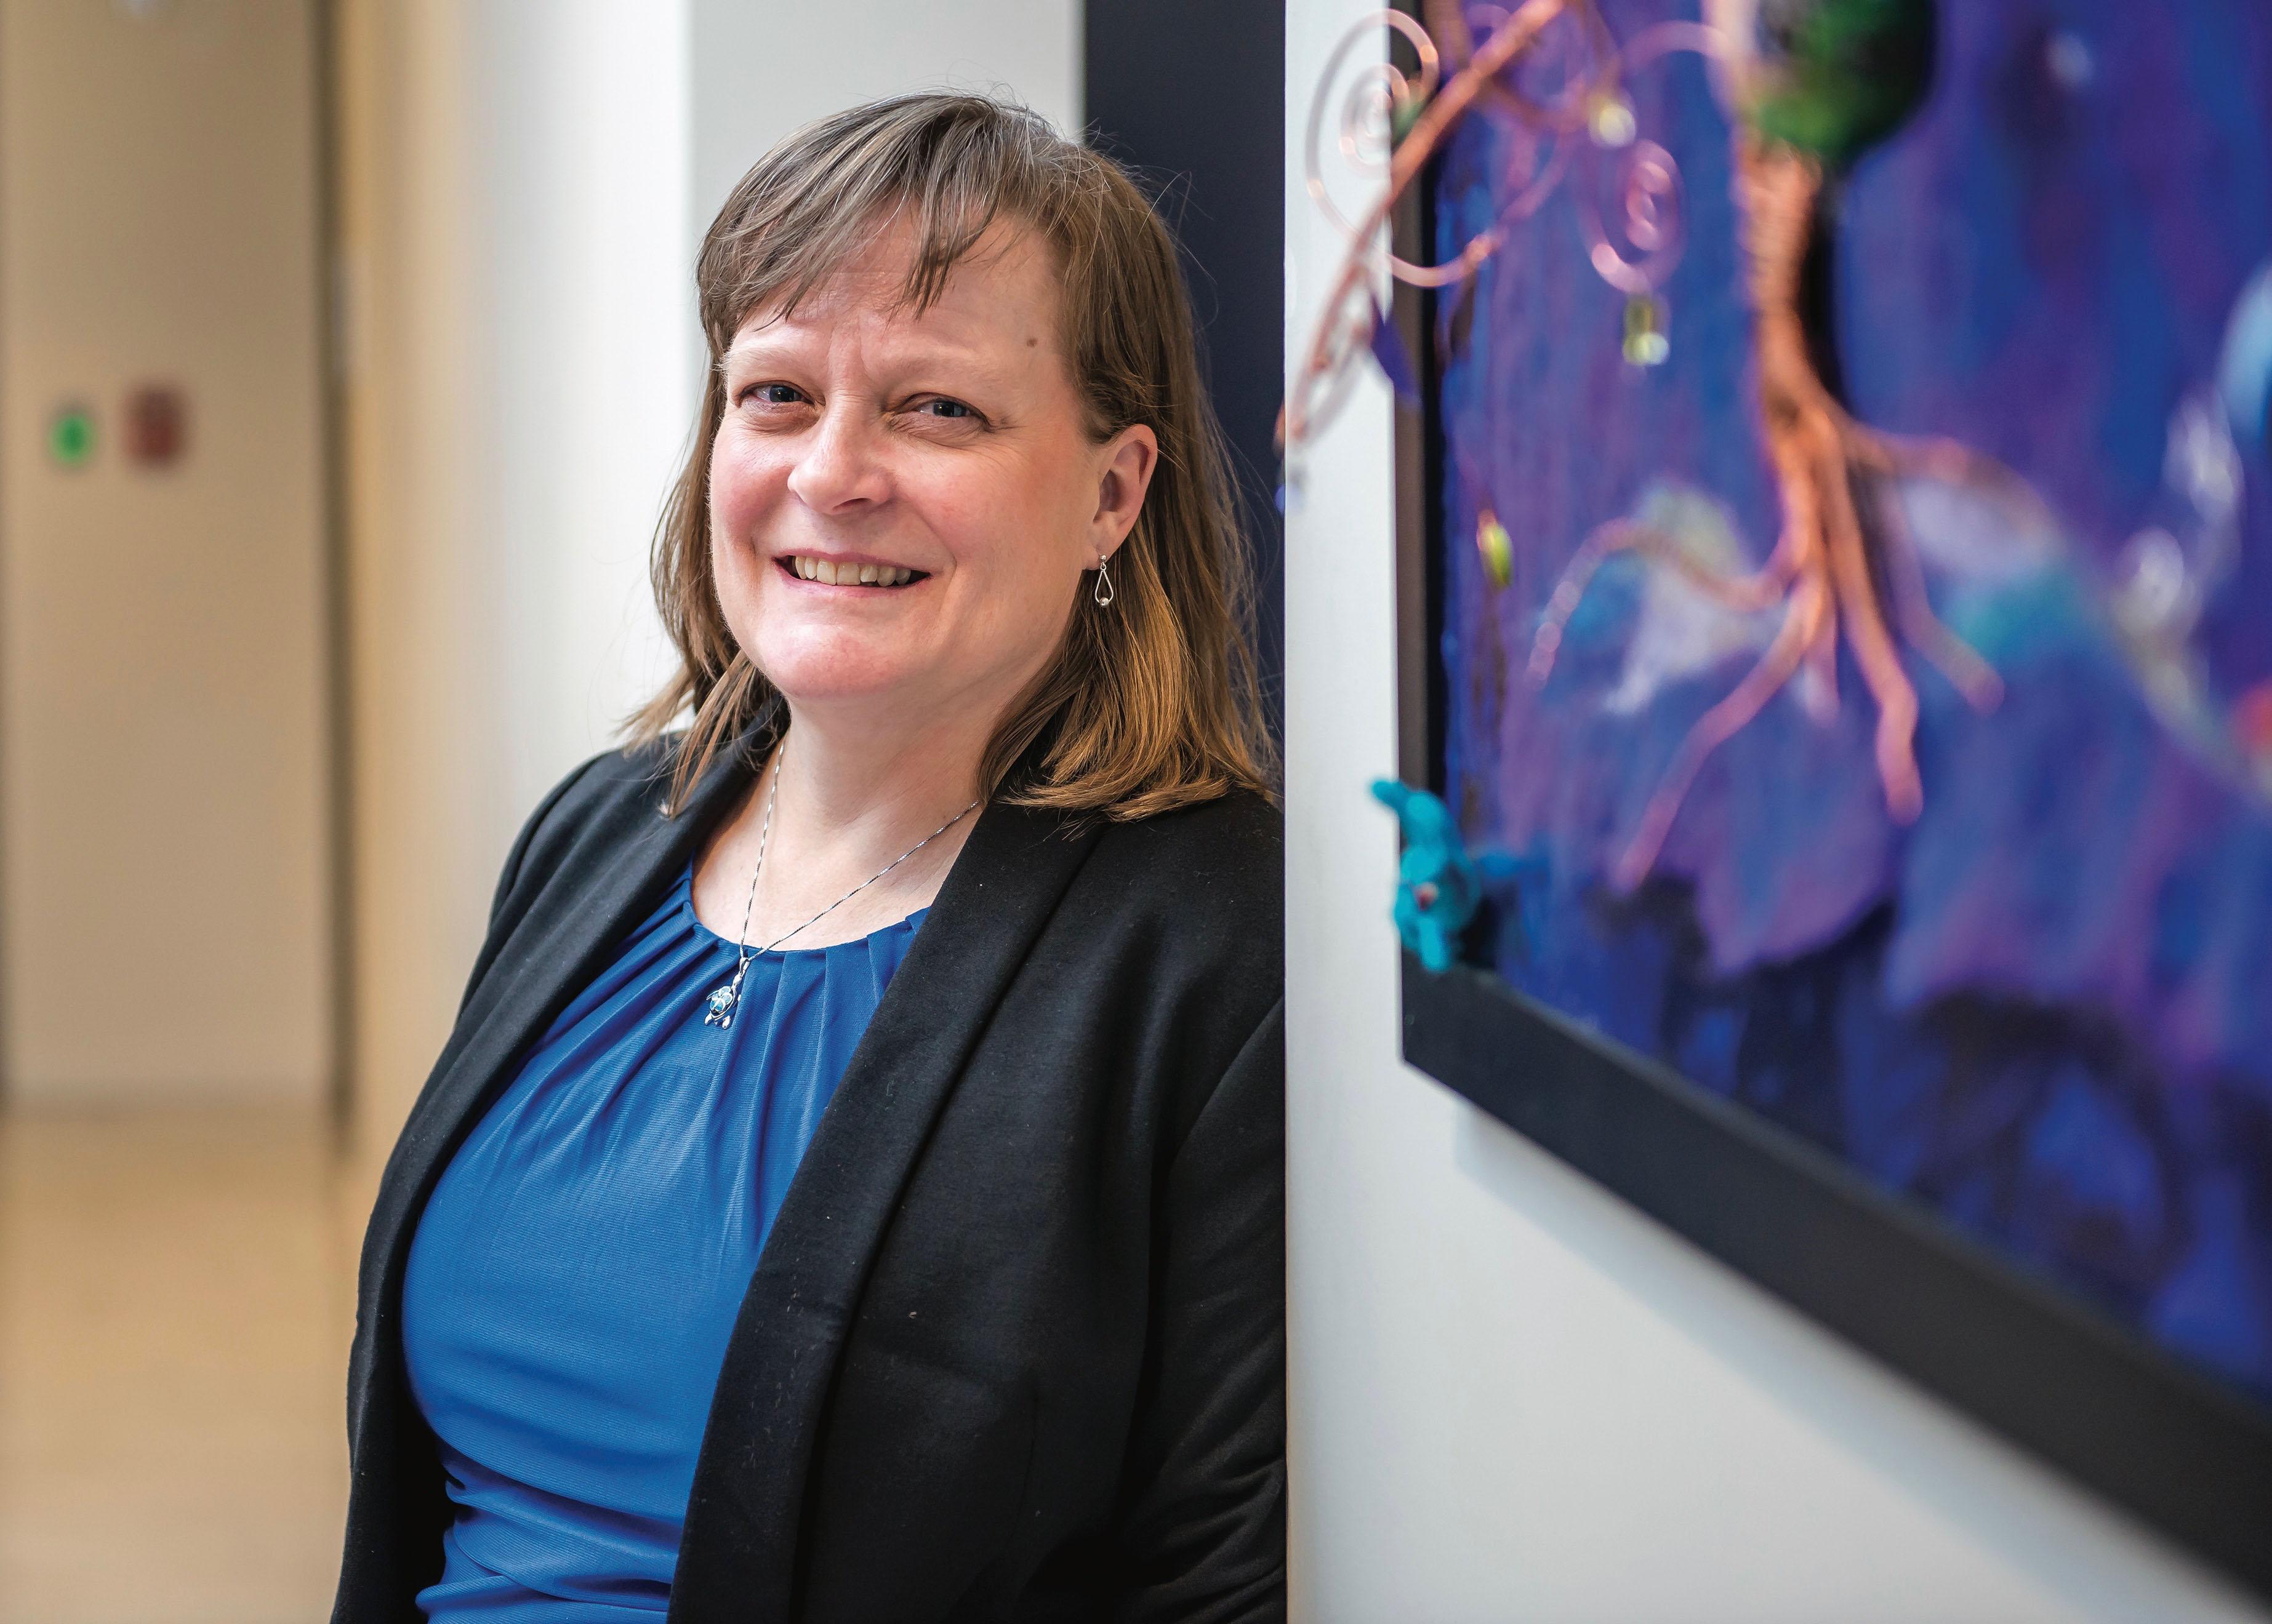 YWCA Women of Distinction Jennifer Daniels